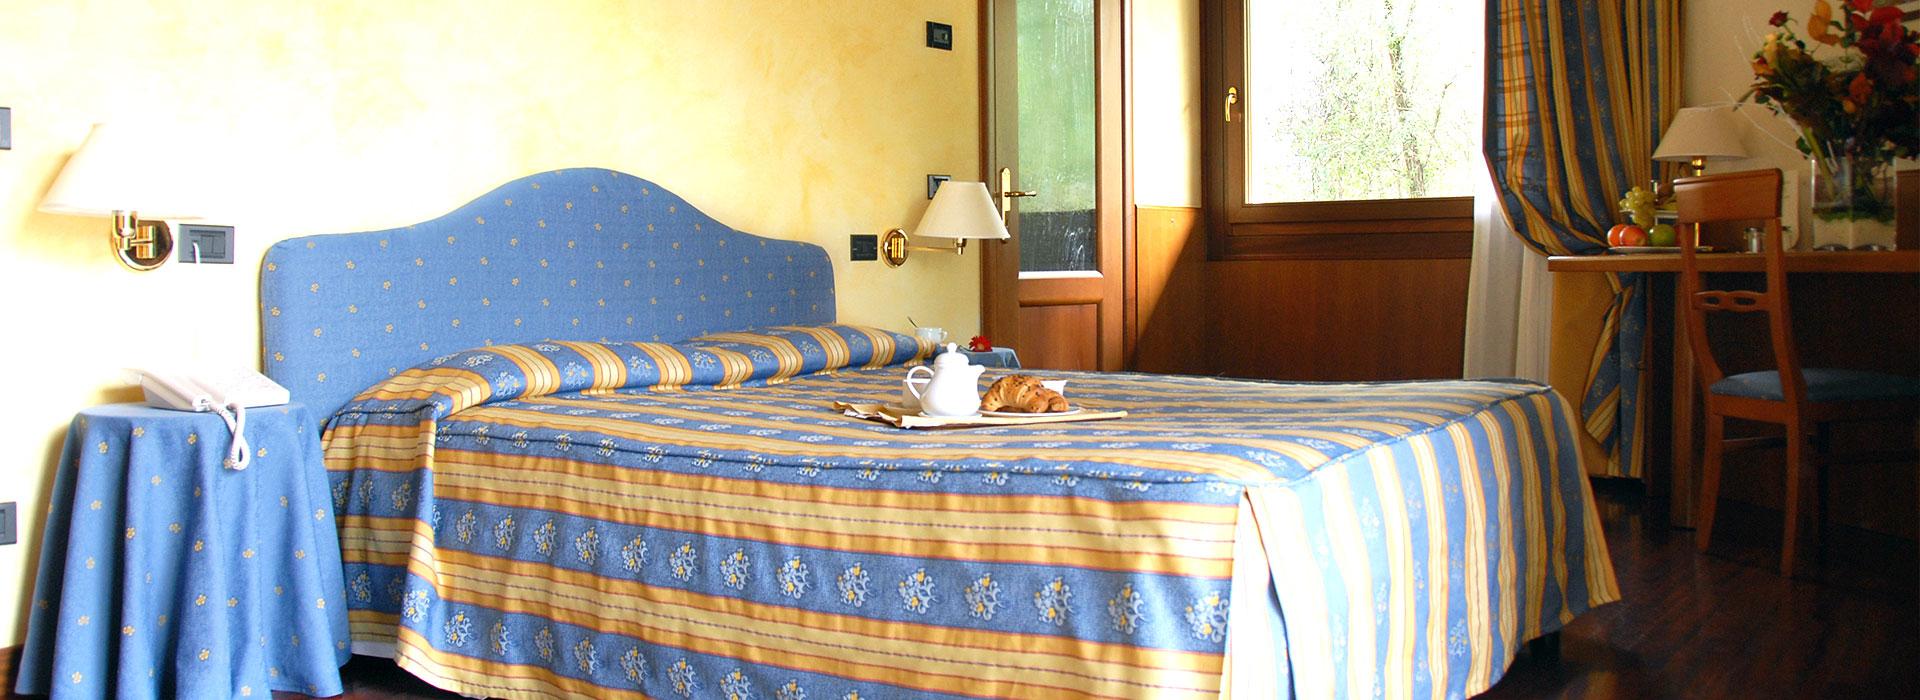 hotel-luna-vigonovo-camera-deluxe